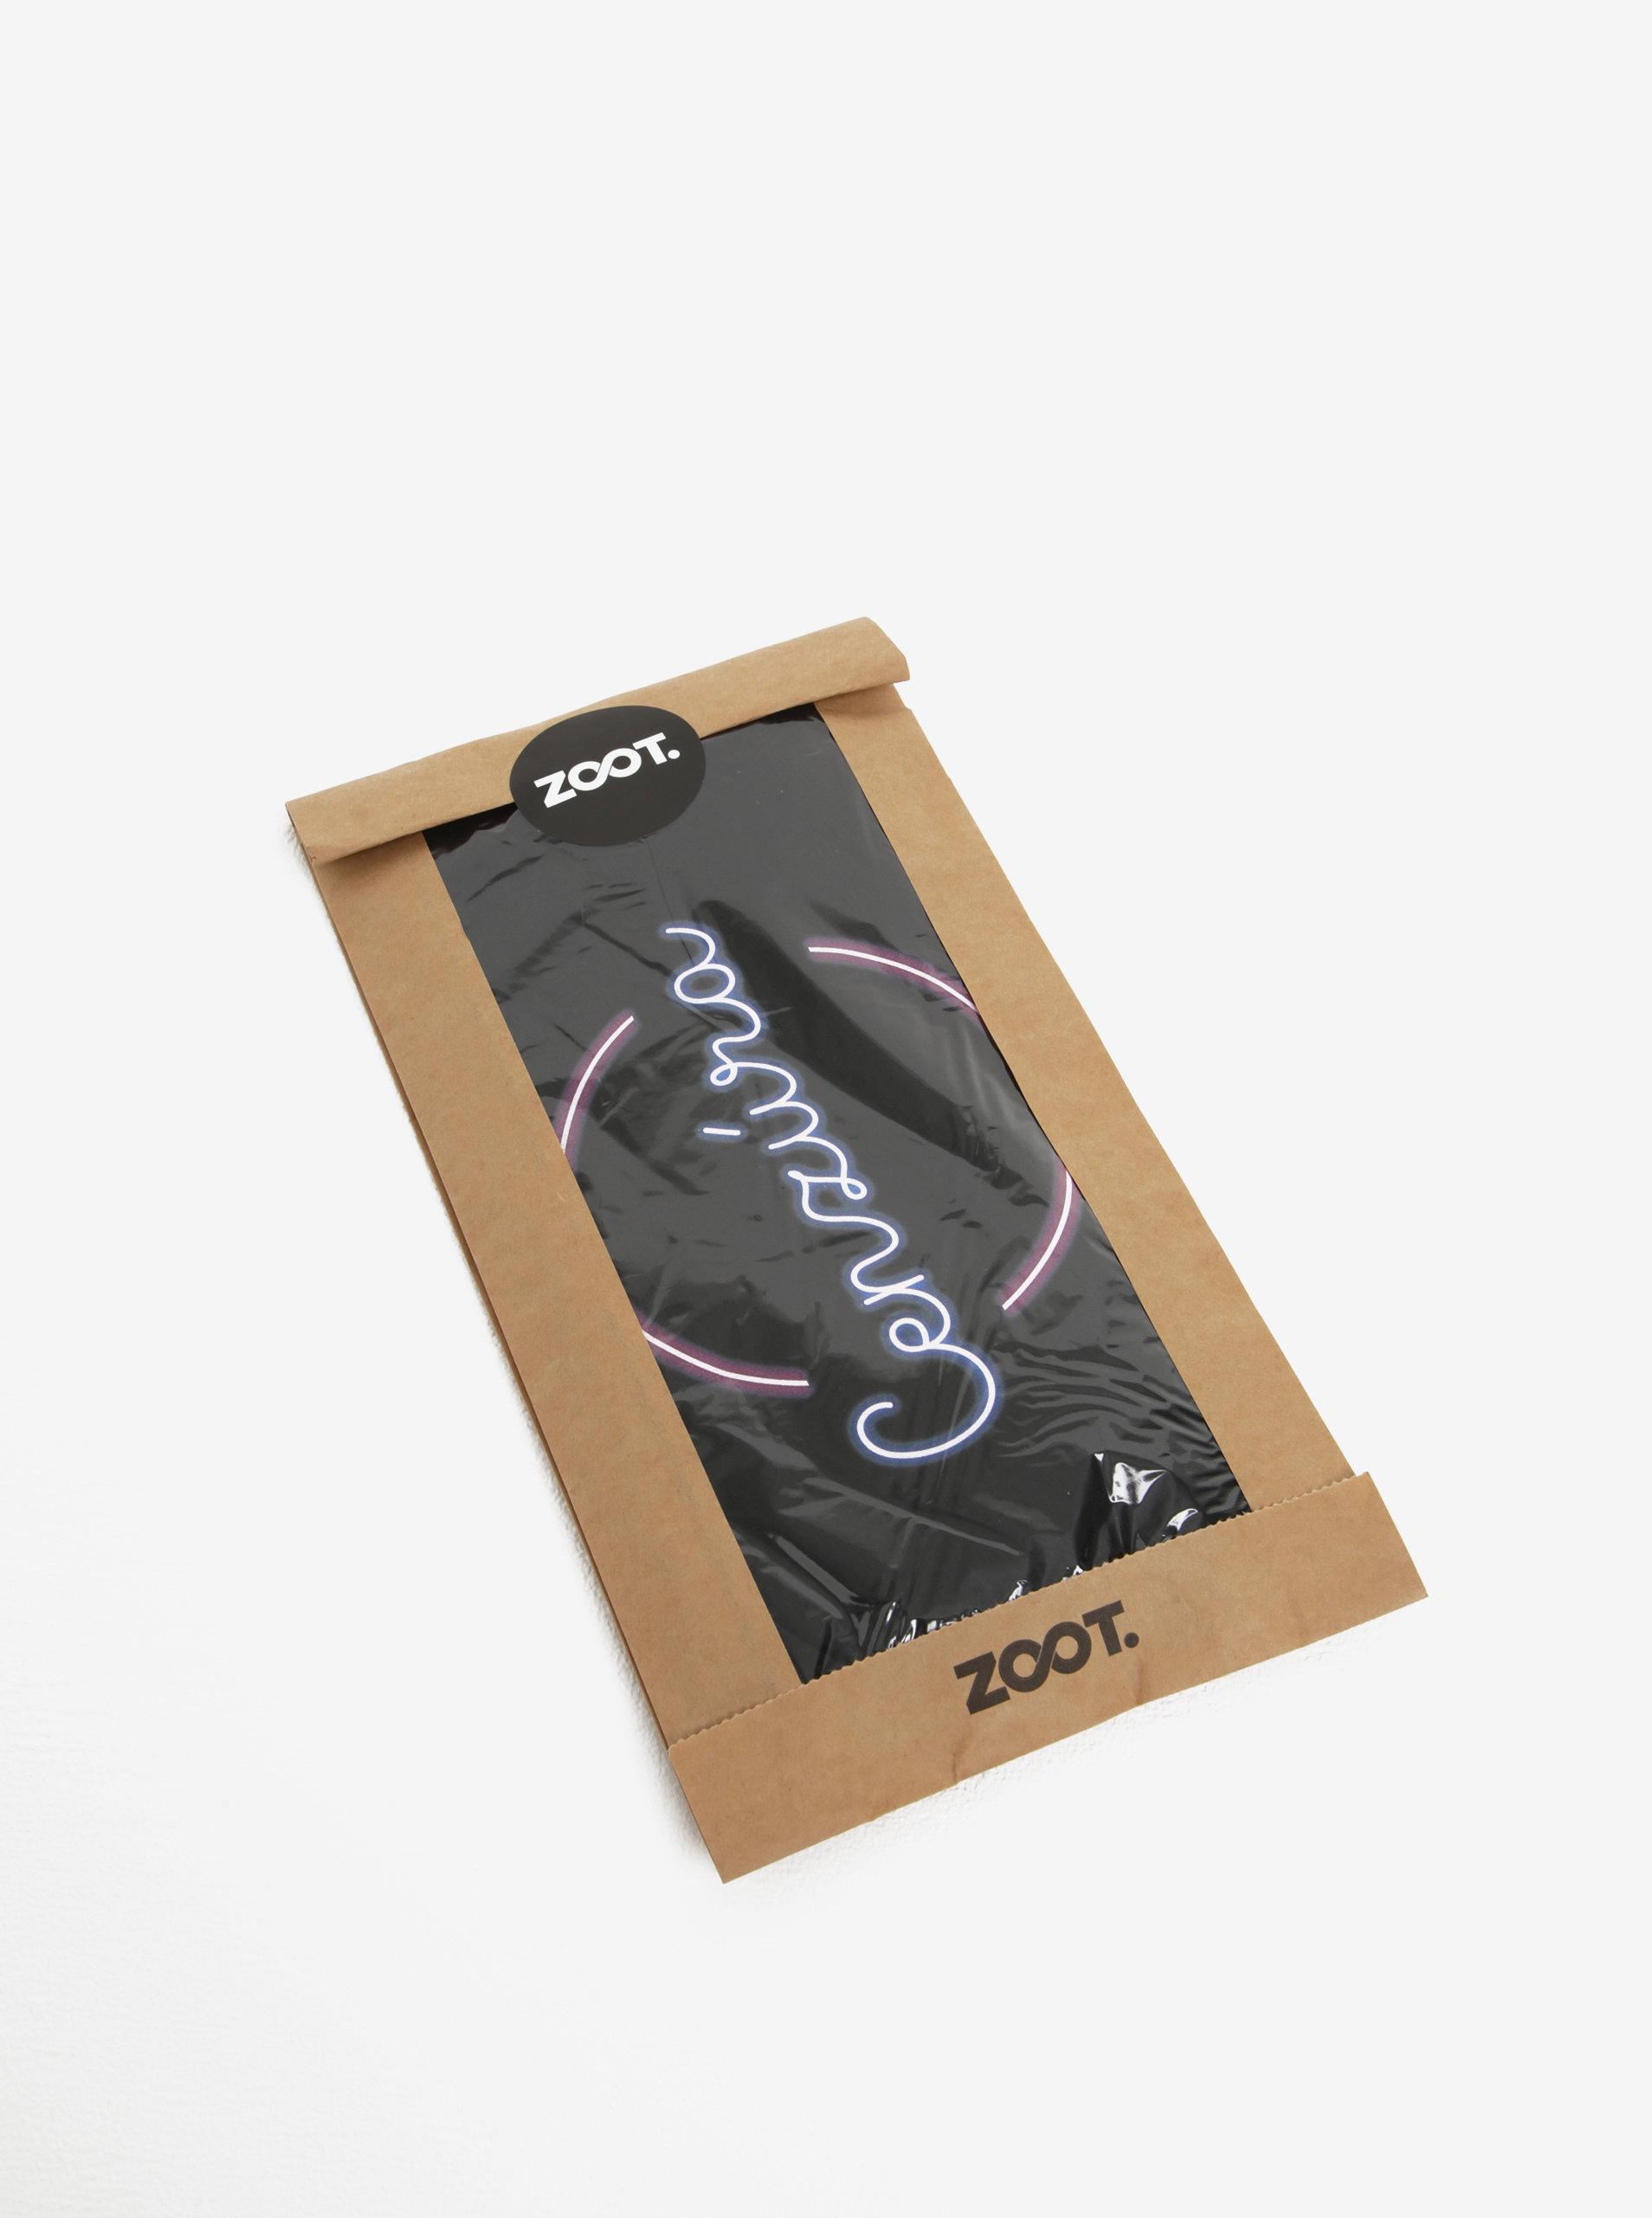 36aaf710a873 Čierne dámske tričko s potlačou ZOOT Original Cenzúra ...